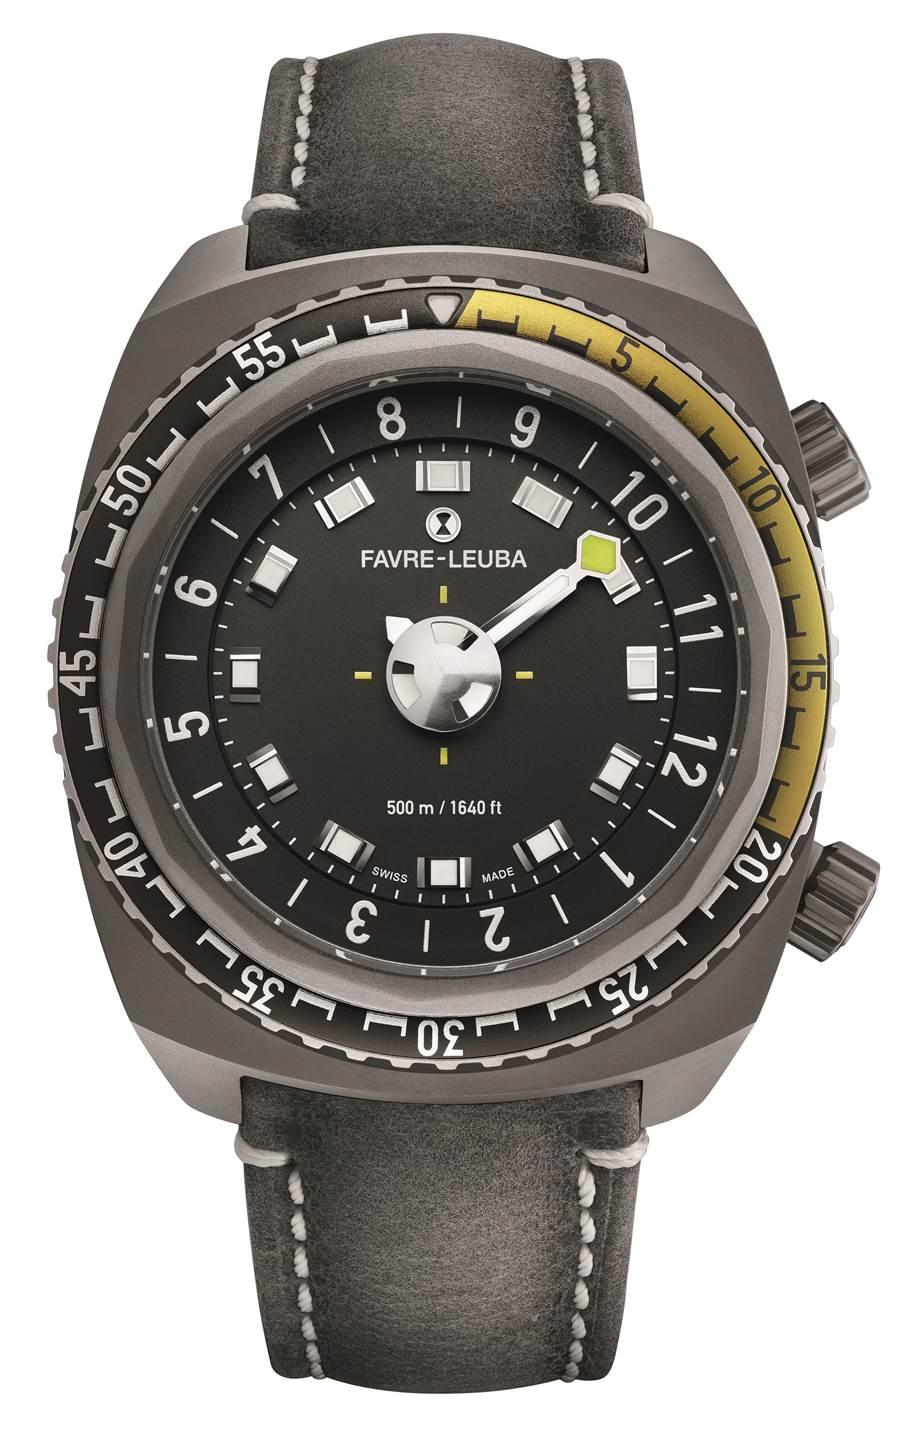 域峰表Raider Harpoon自動上鍊腕表,單指針時間顯示,小秒盤,日期顯示,防水達500米,14萬5000元。(Favre-Leuba提供)